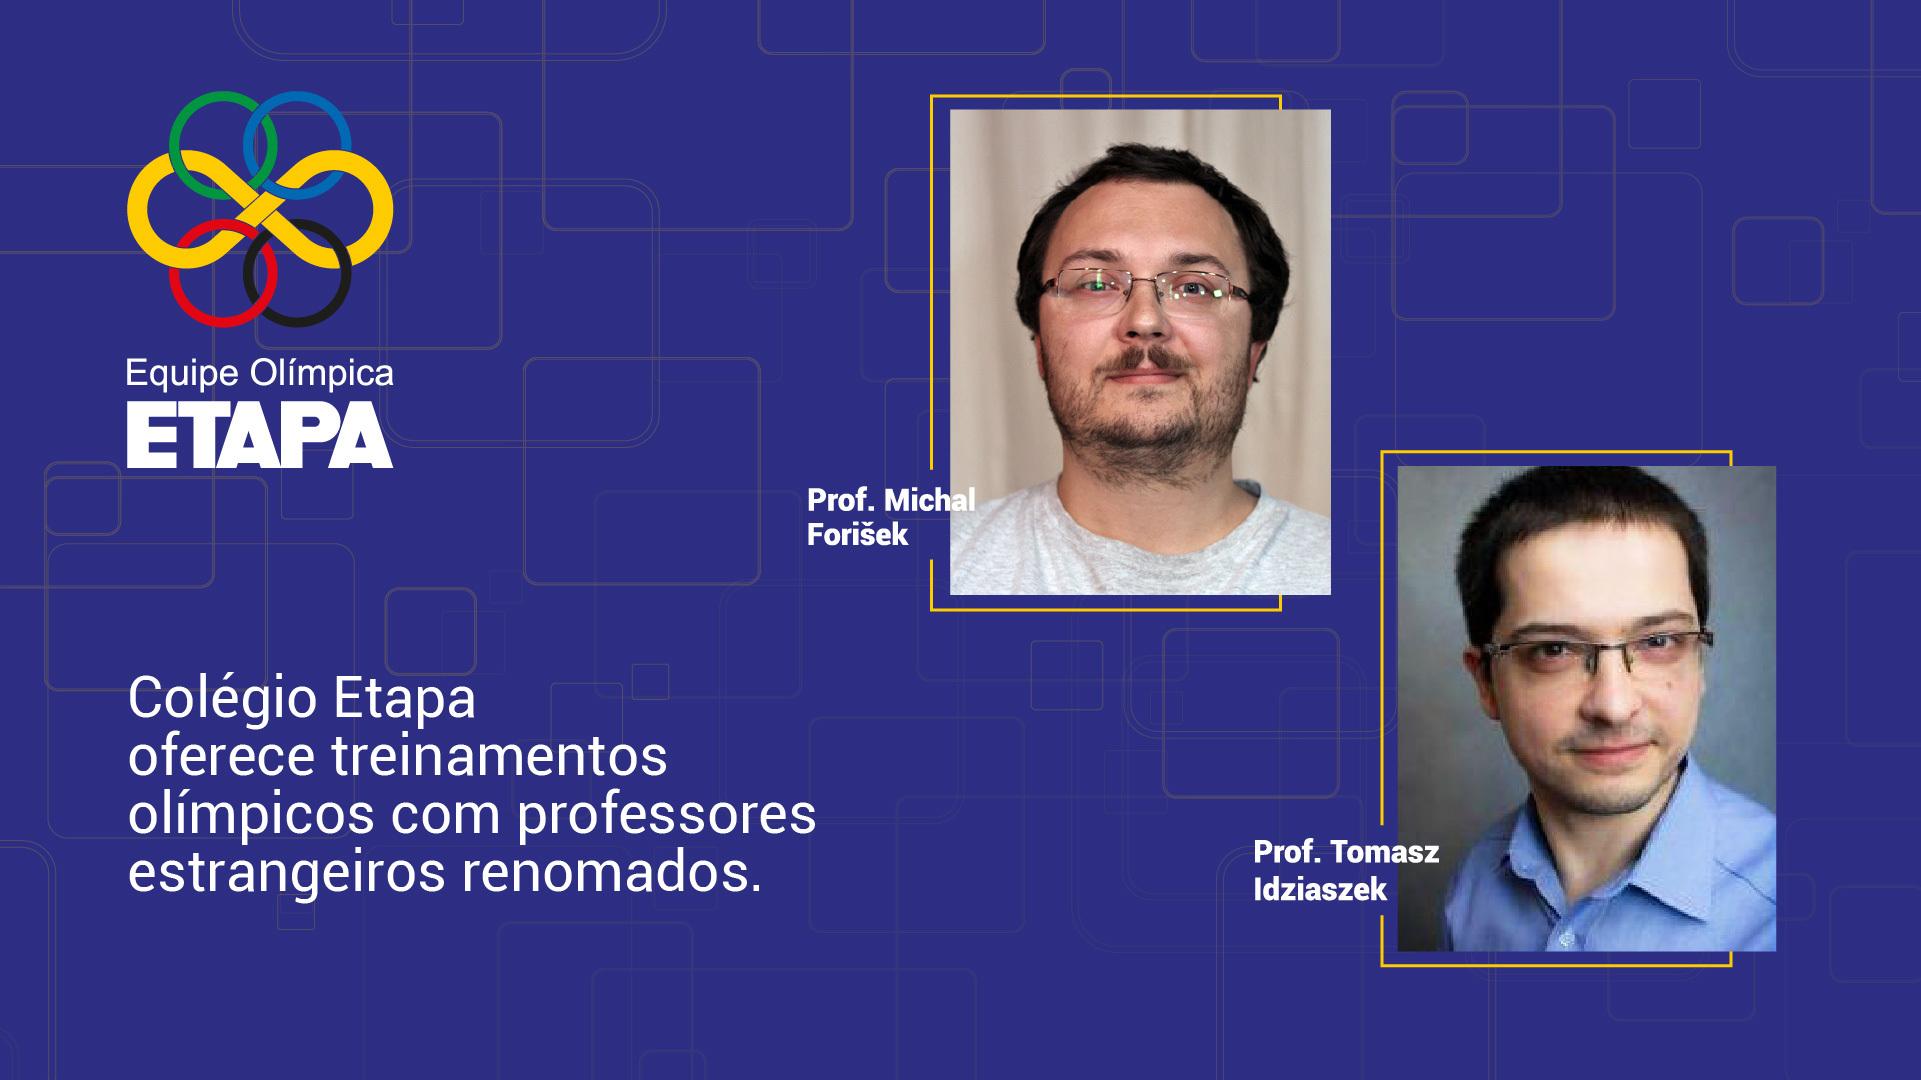 Treinamentos de Informática com docentes estrangeiros no Colégio Etapa